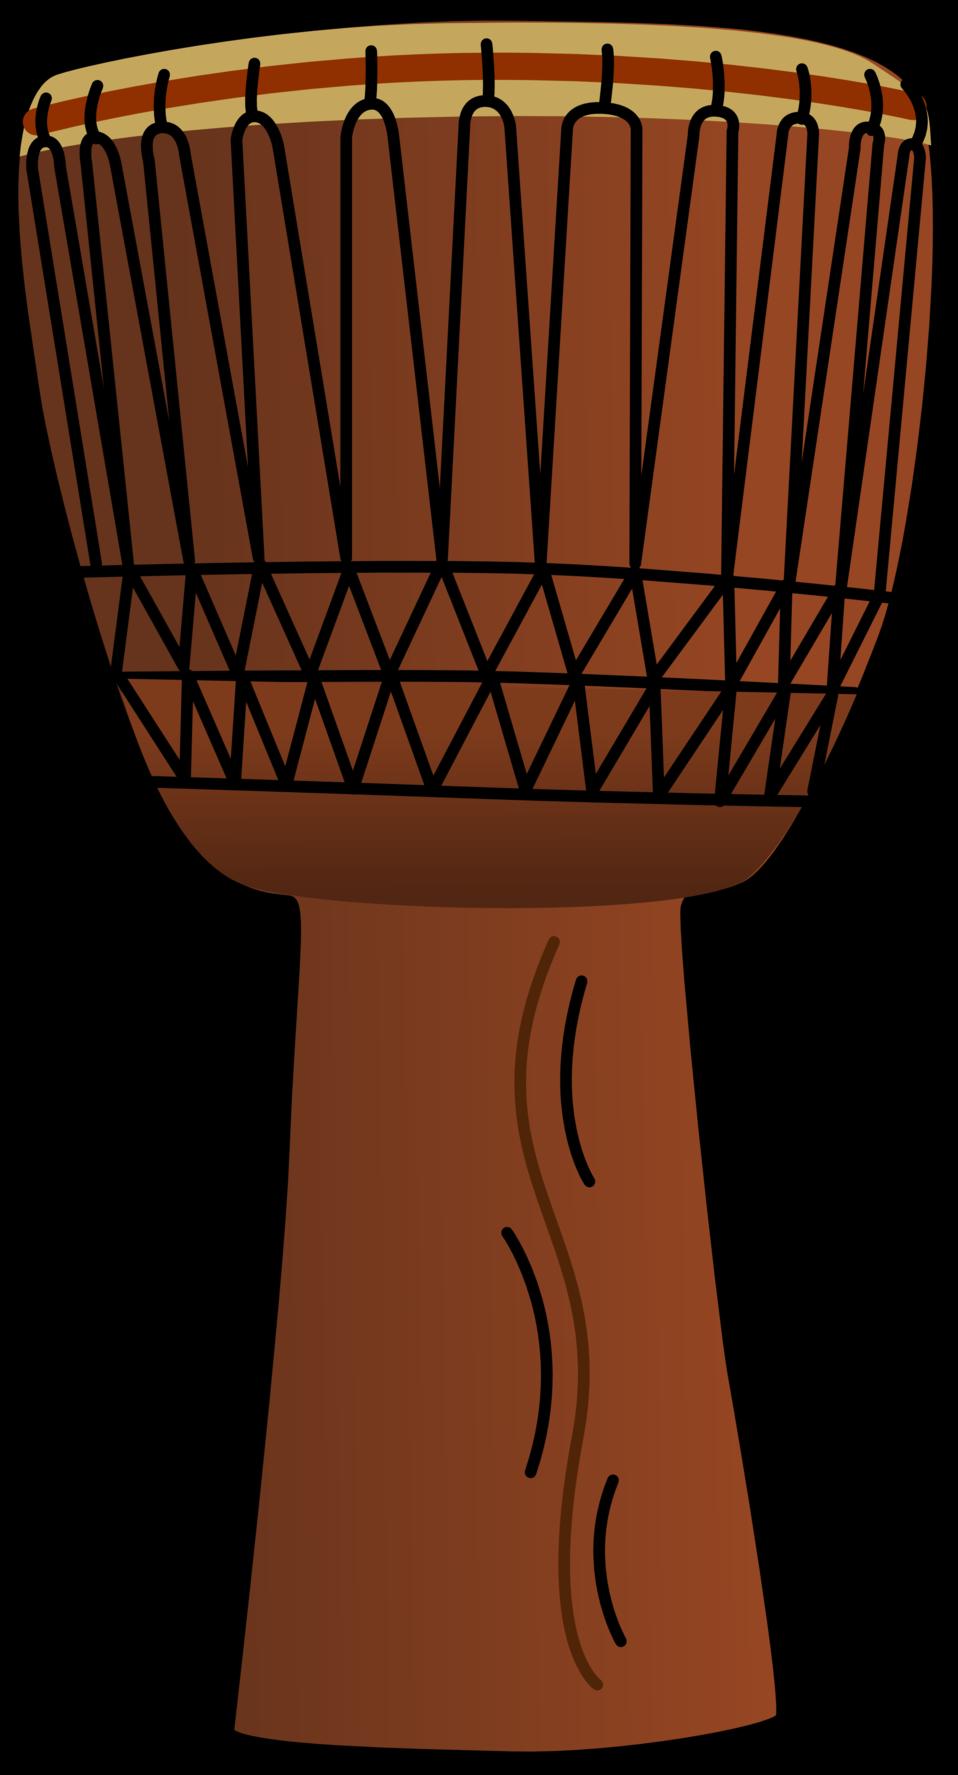 Public domain clip art. Drums clipart file